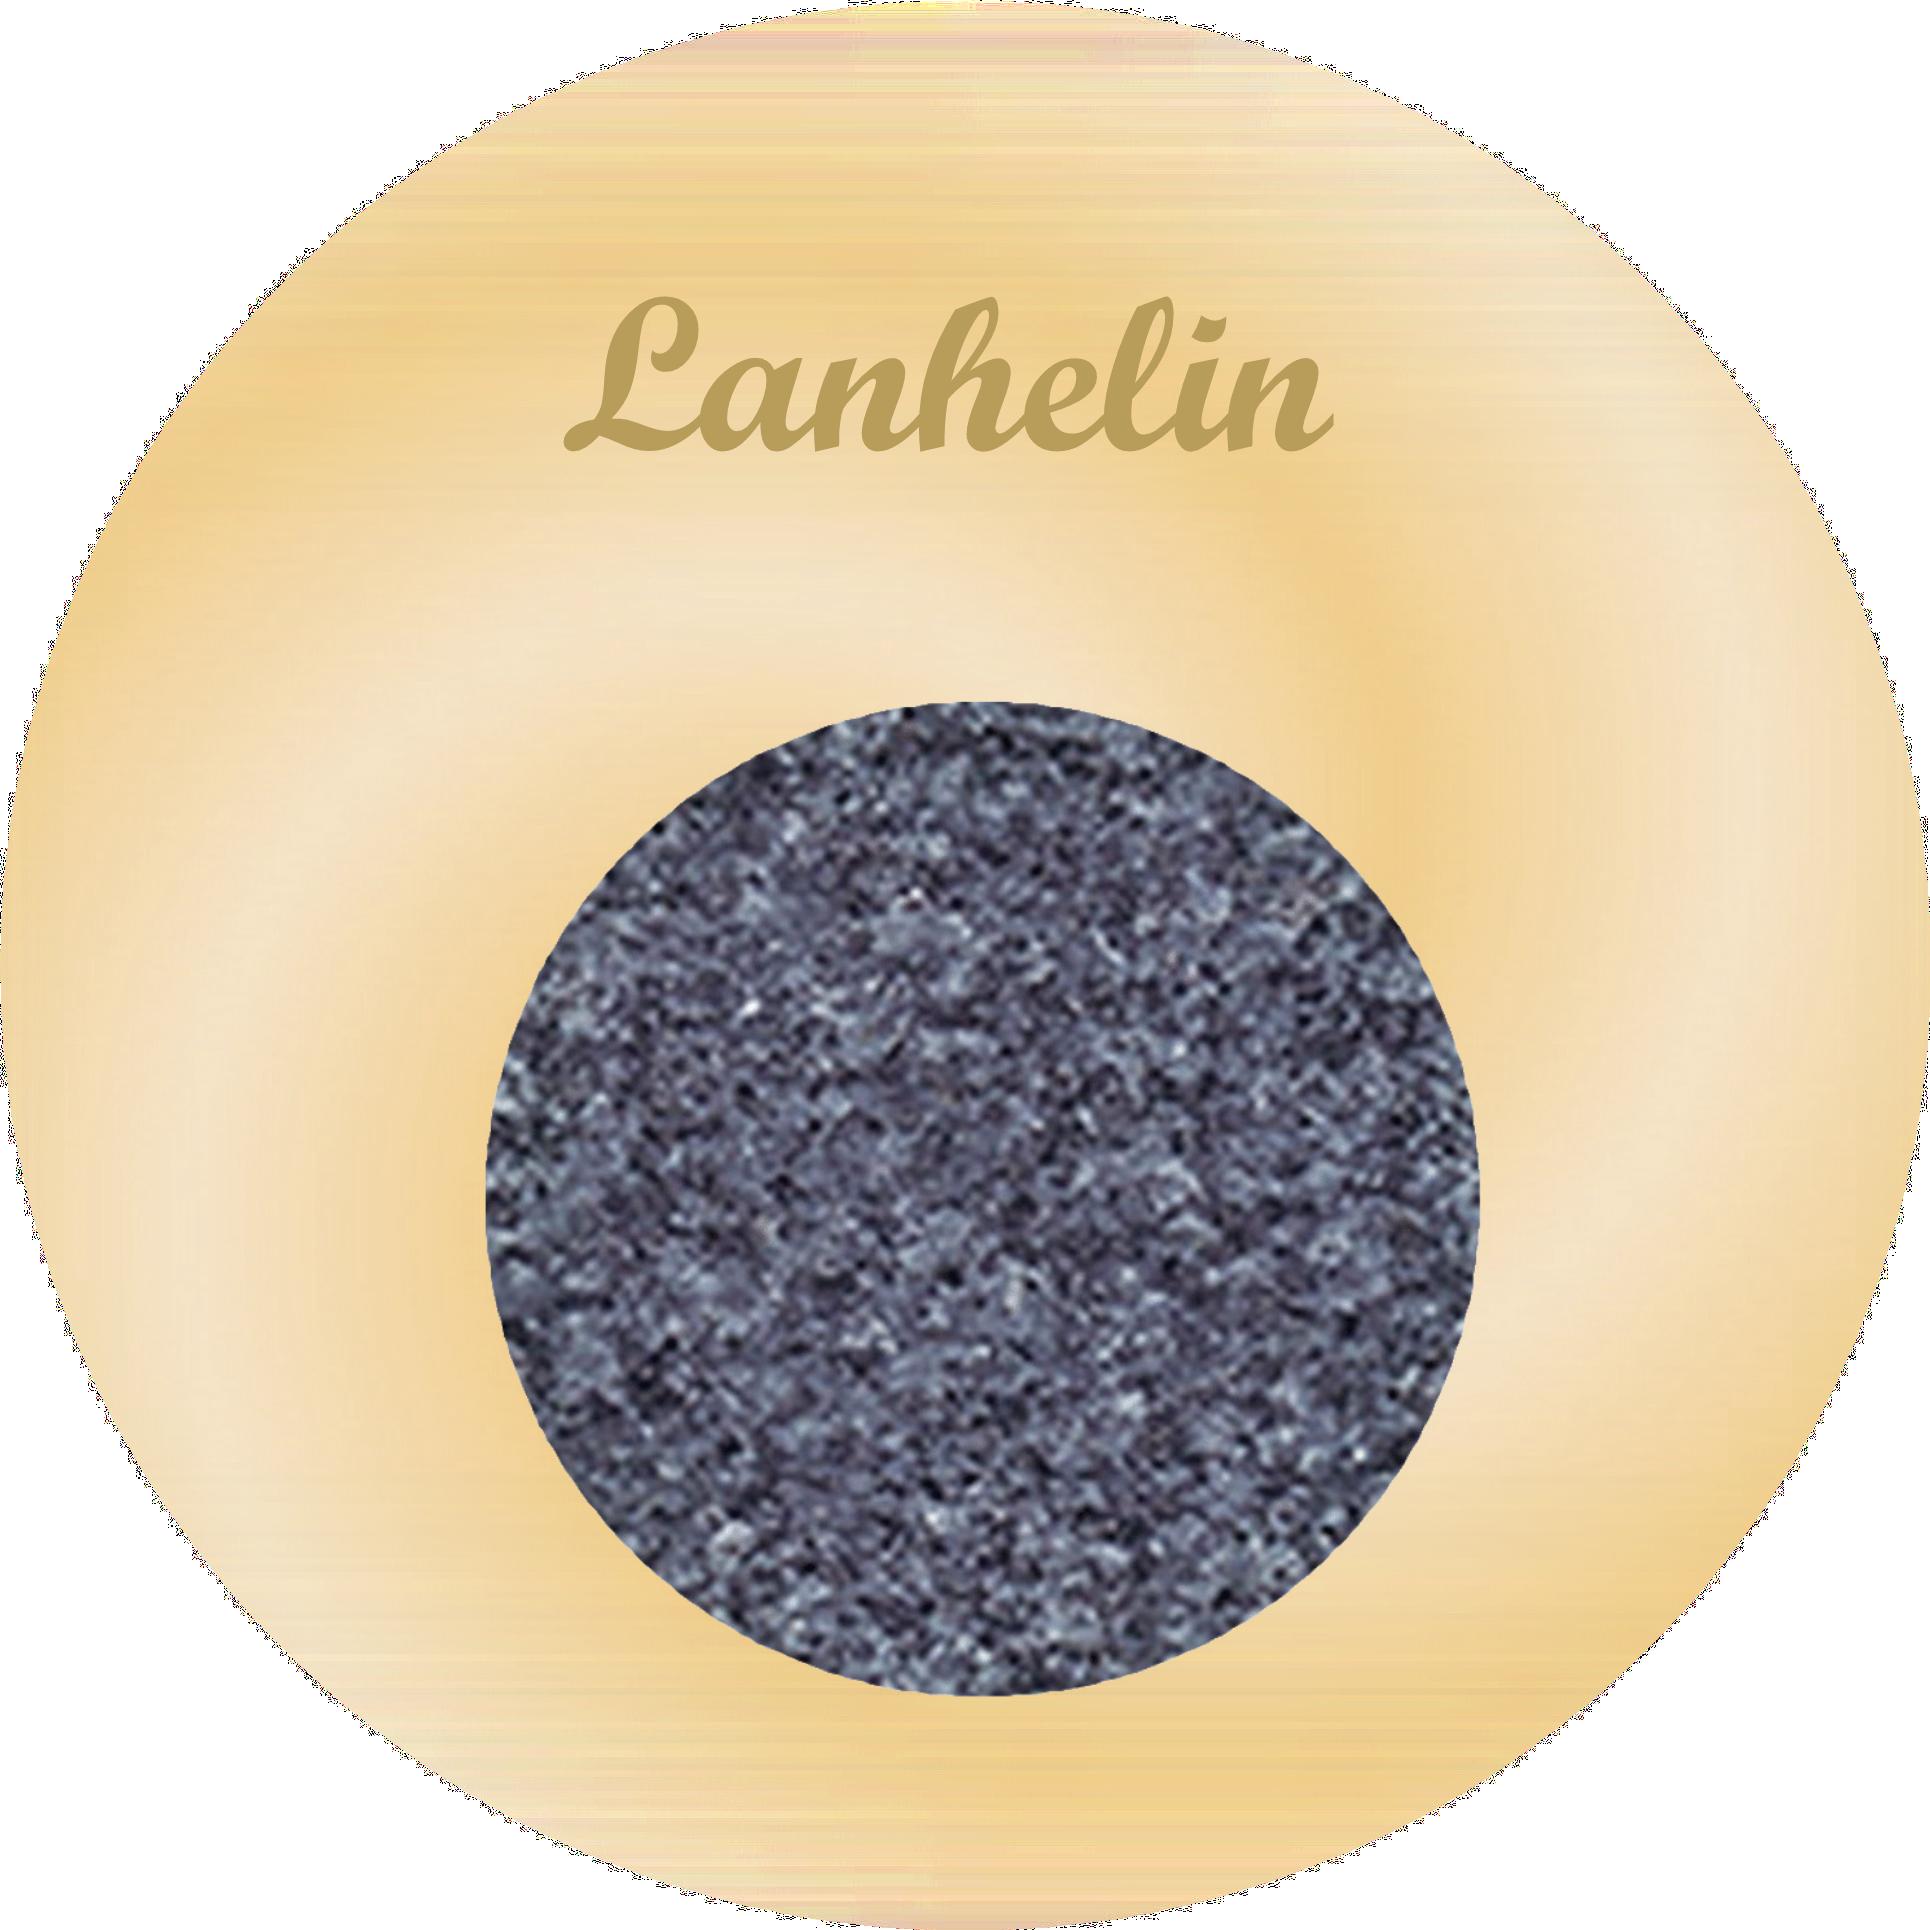 couleur granit lanhelin pour plaques funeraires